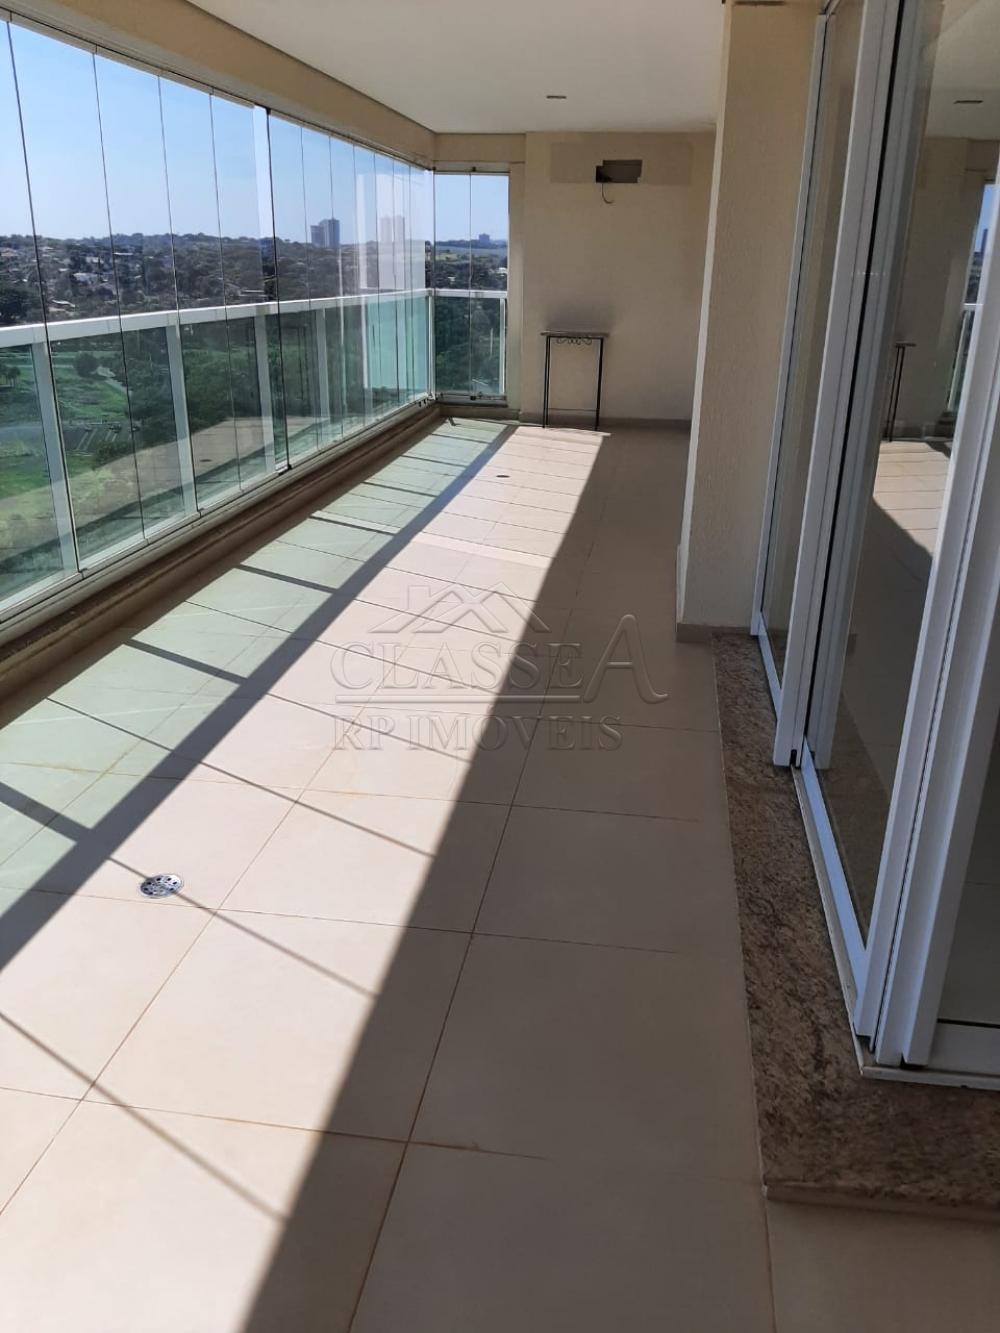 Comprar Apartamento / Padrão em Ribeirão Preto R$ 1.020.000,00 - Foto 2